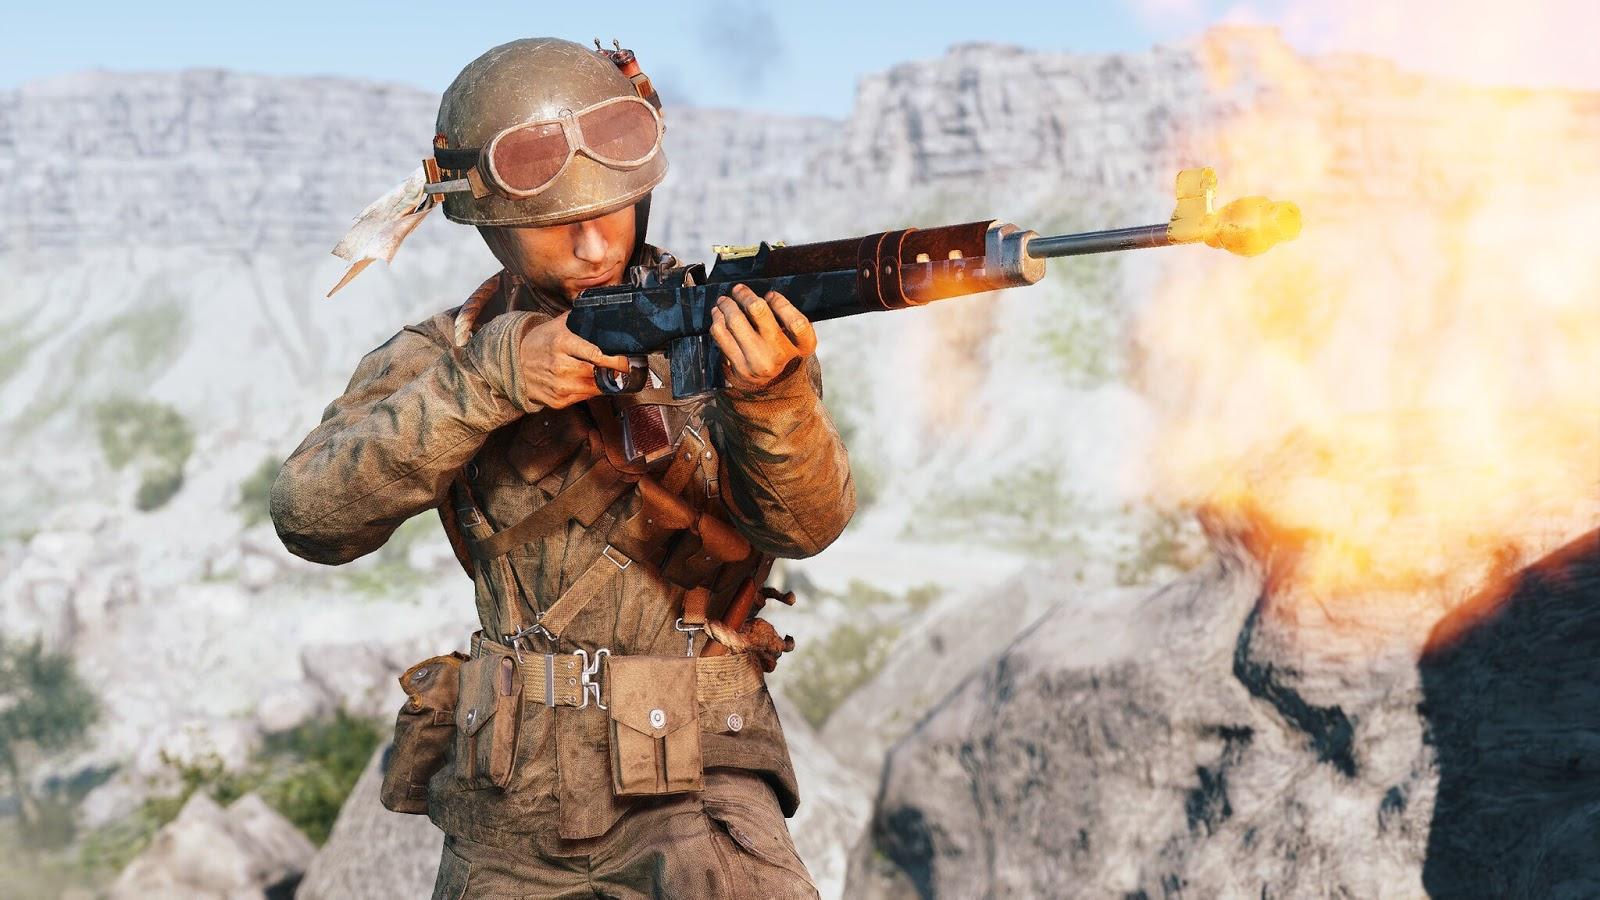 Battlefield V Capítulo 3 Recuperações de Patente - Img: Chris177uk